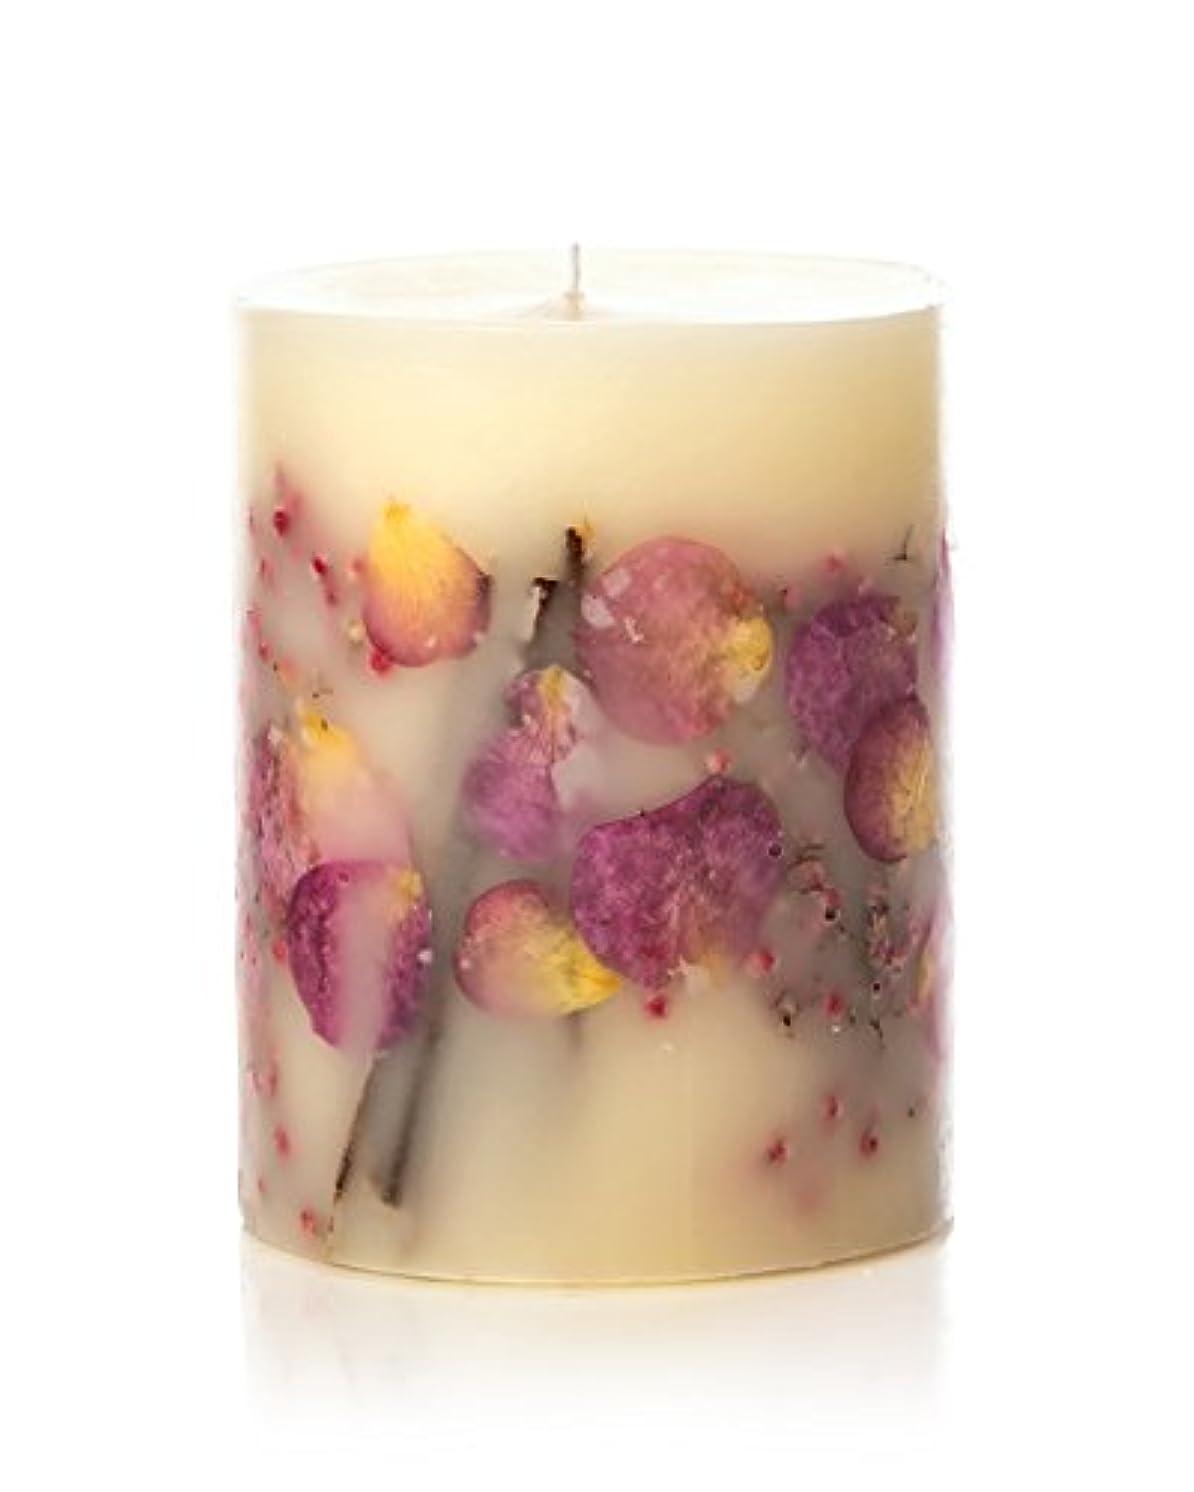 テクトニック運搬滴下ロージーリングス ボタニカルキャンドル ビッグラウンド アプリコット&ローズ ROSY RINGS Round Botanical Candle Big Round – Apricot Rose